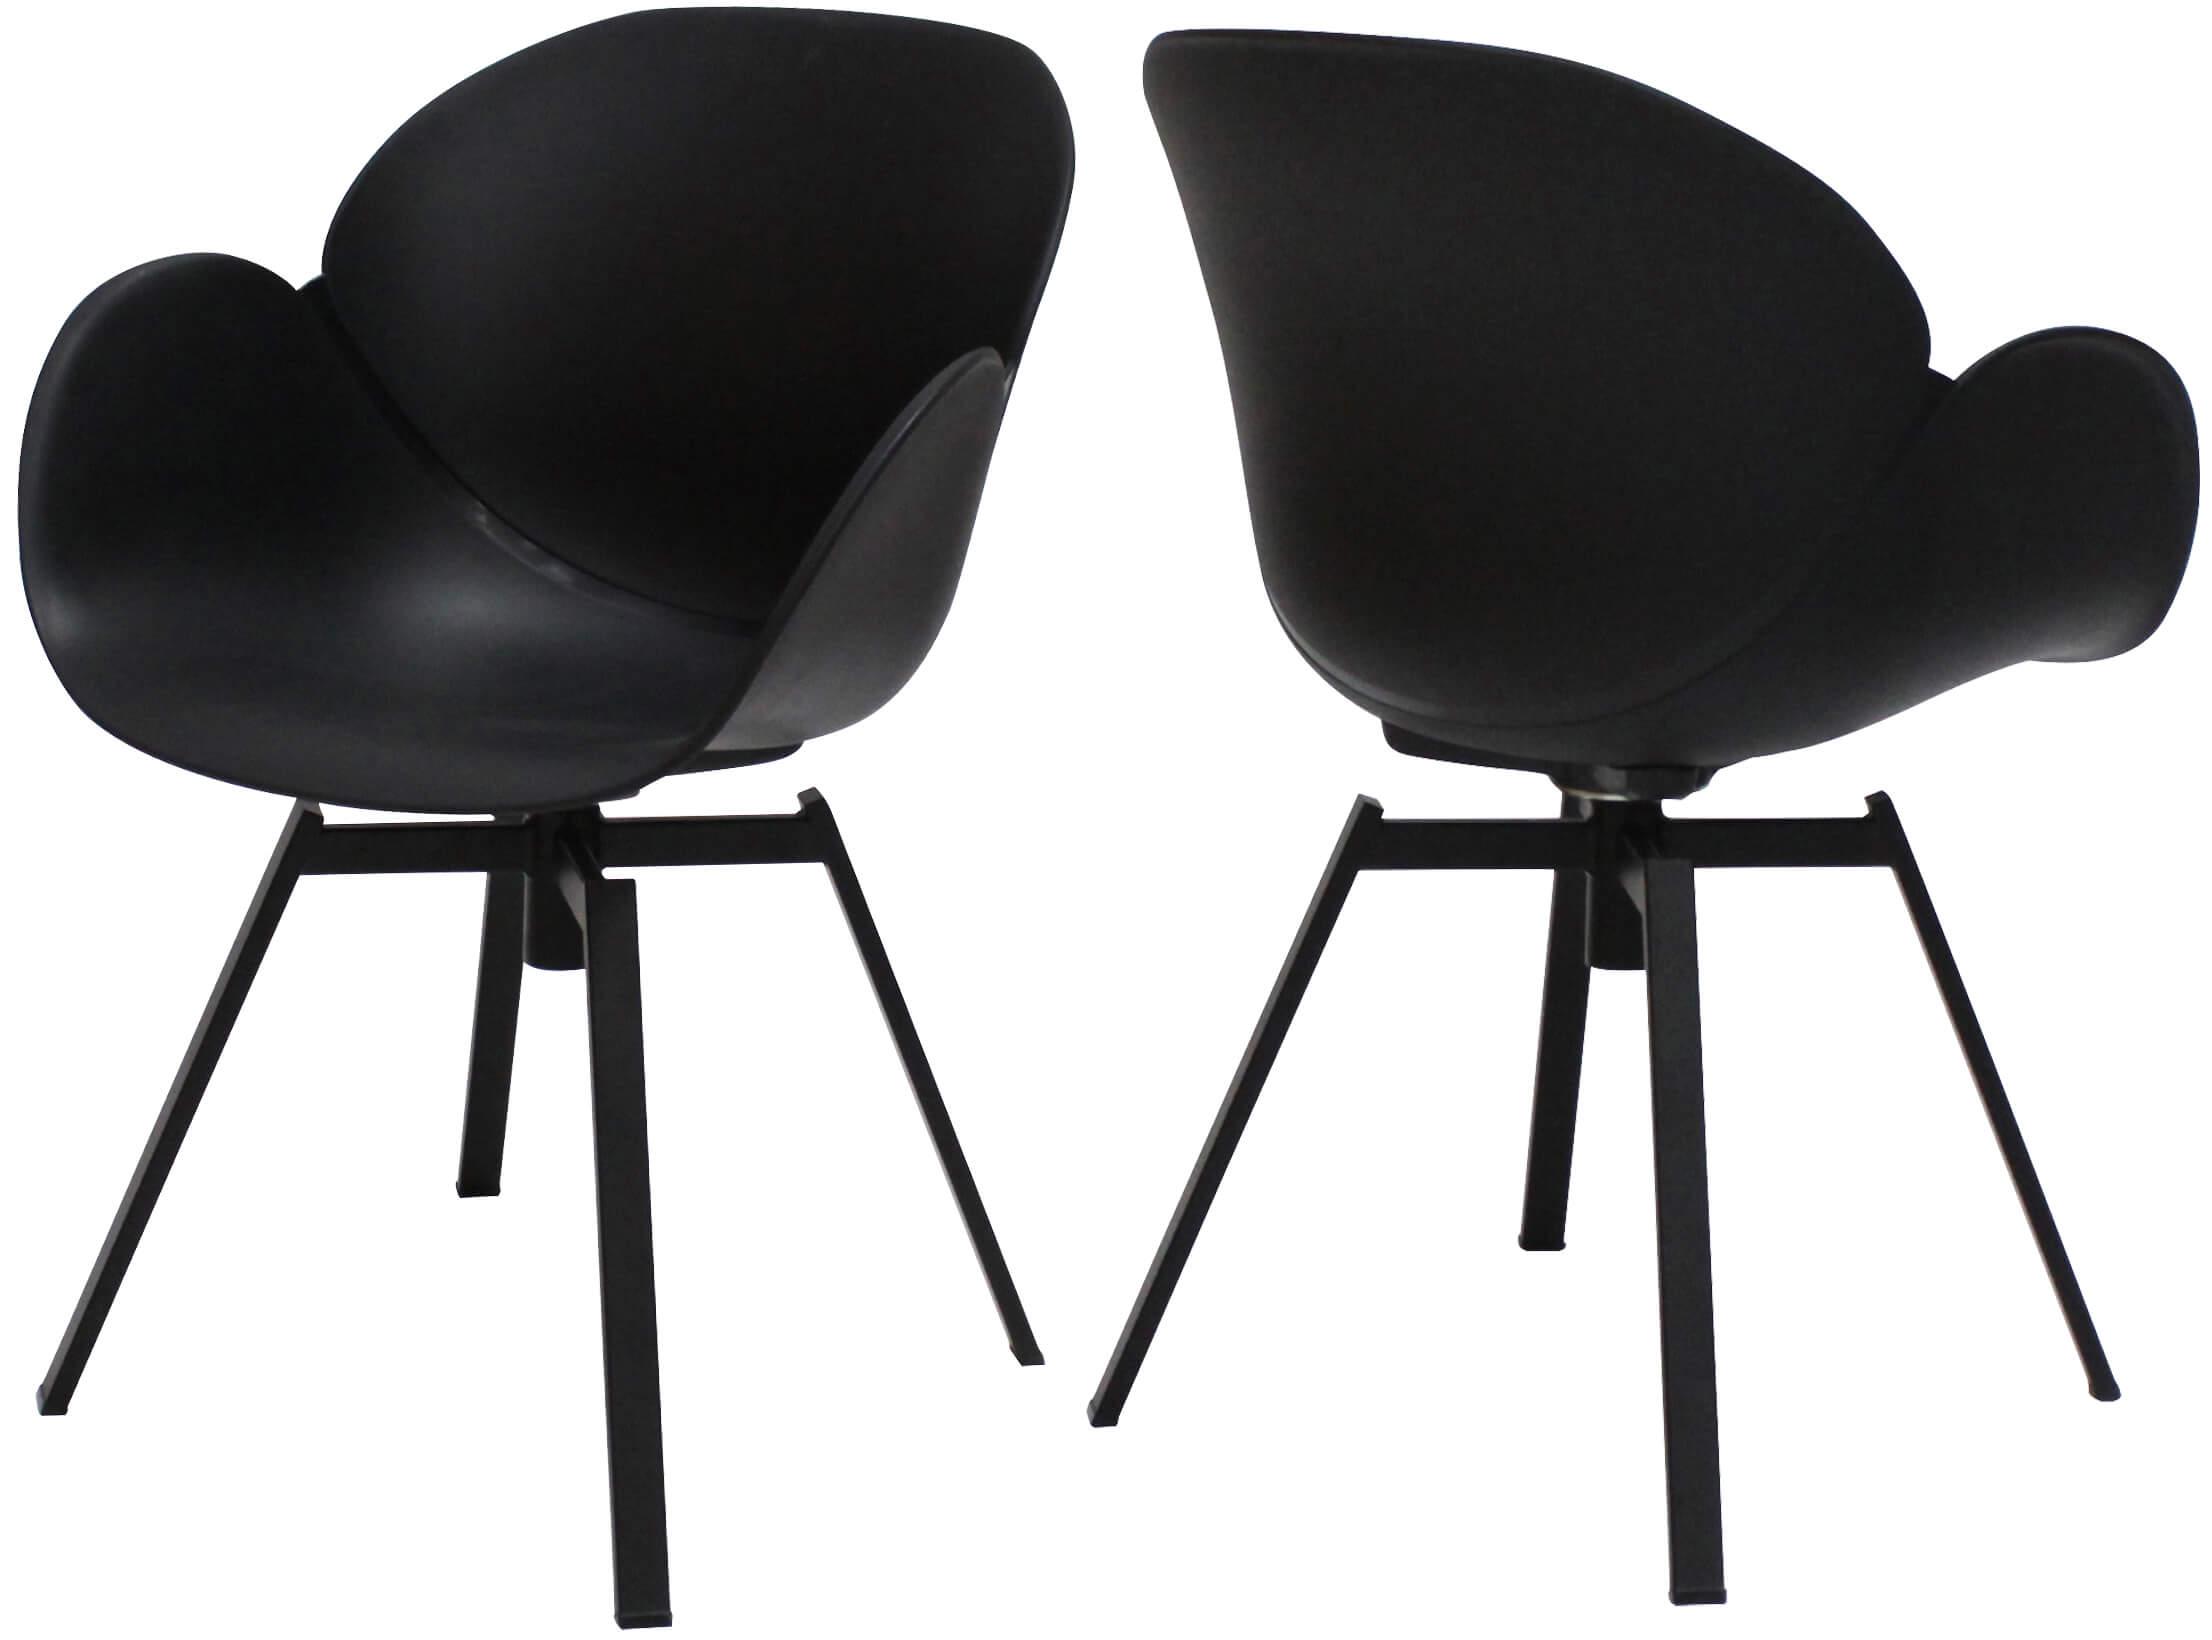 canett Canett oliver spisebordsstol - sort plast og stål, m. armlæn, m. drejefod fra boboonline.dk